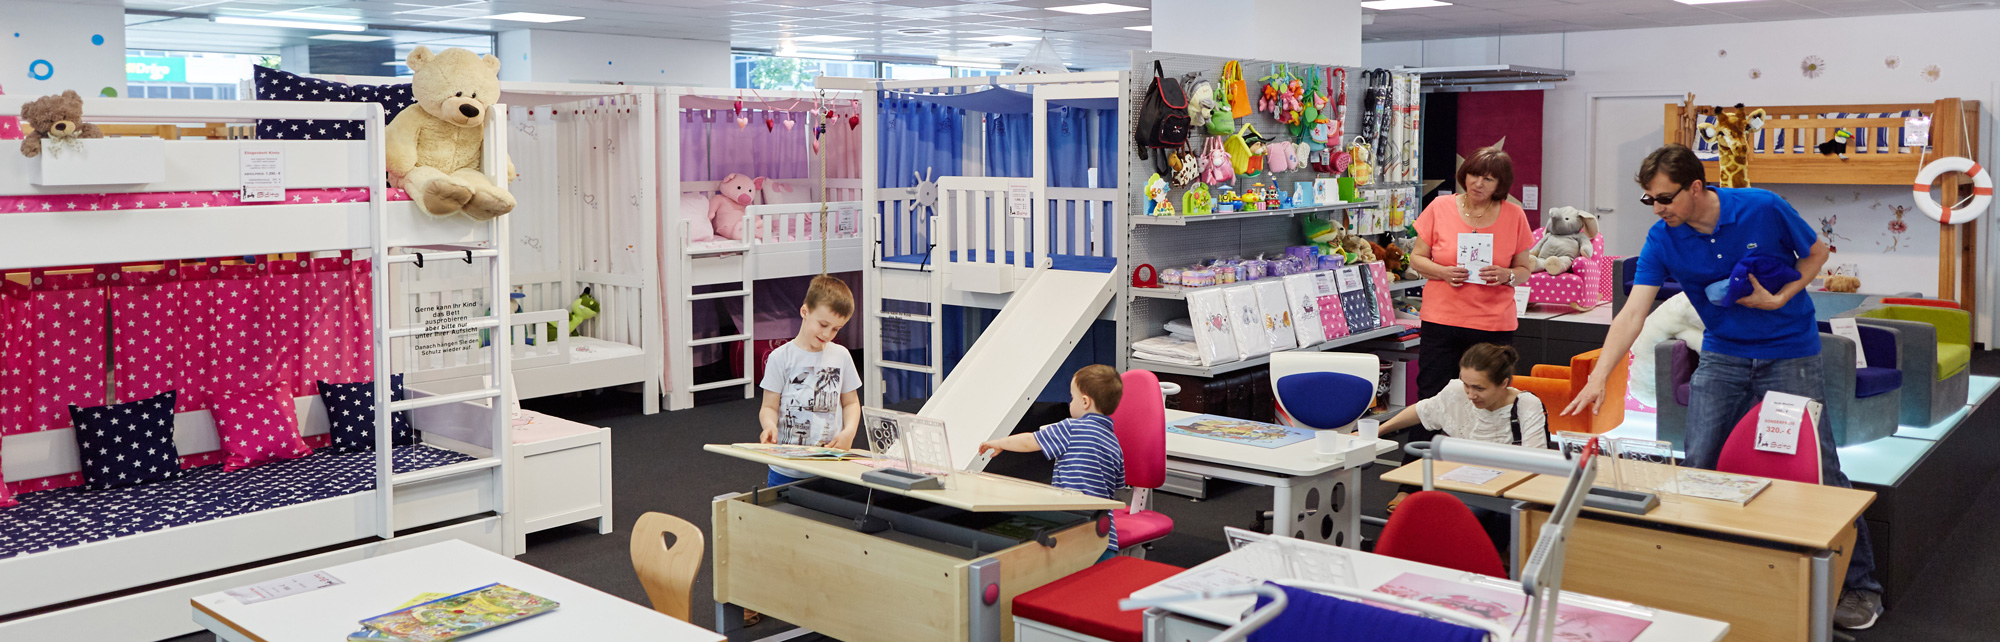 SALTO - das große Kindermöbel Fachgeschäft in München